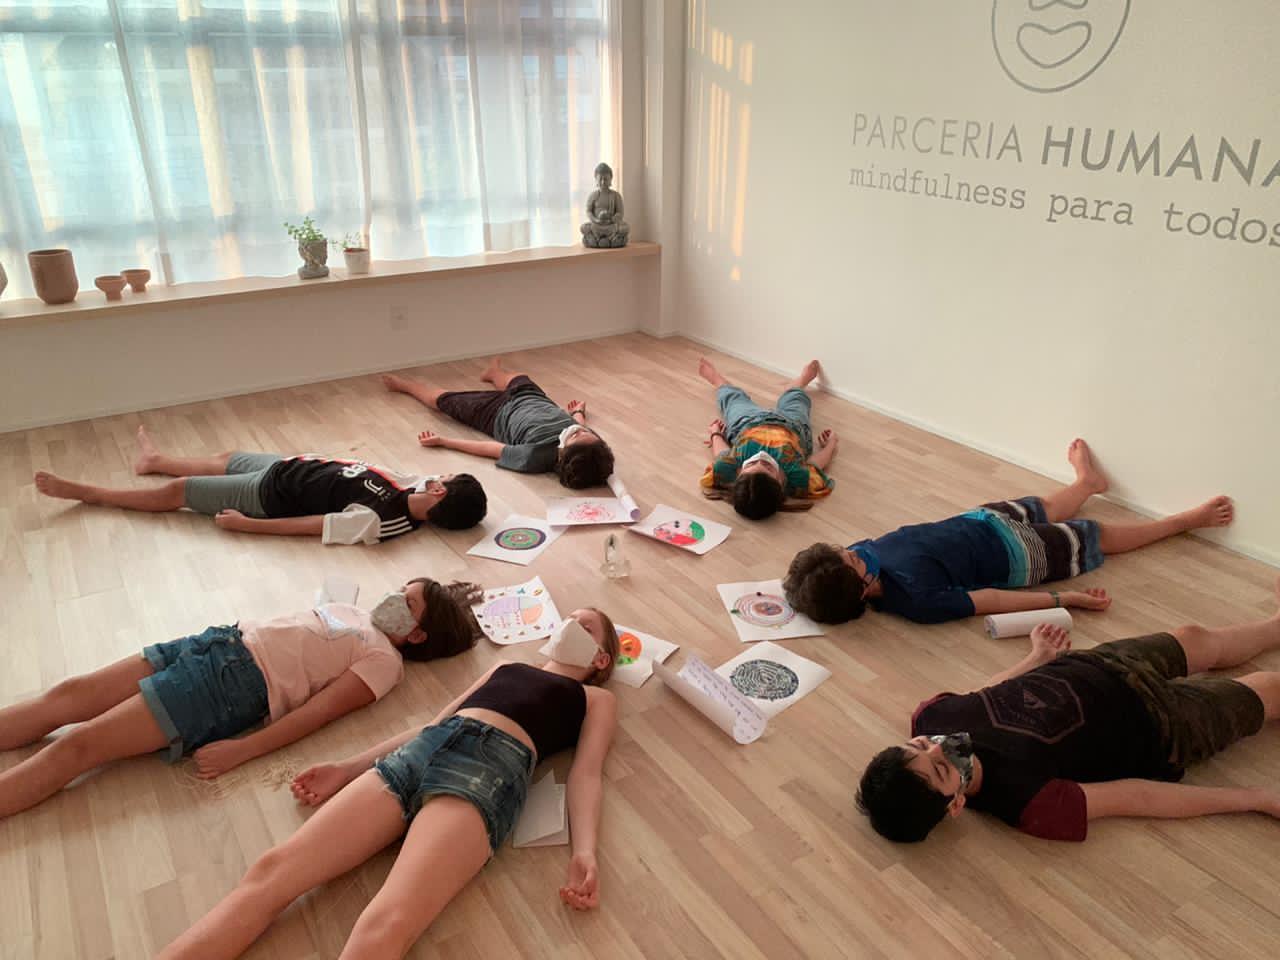 Crianças deitadas no chão, em círculo, com papéis desenhados também no chão